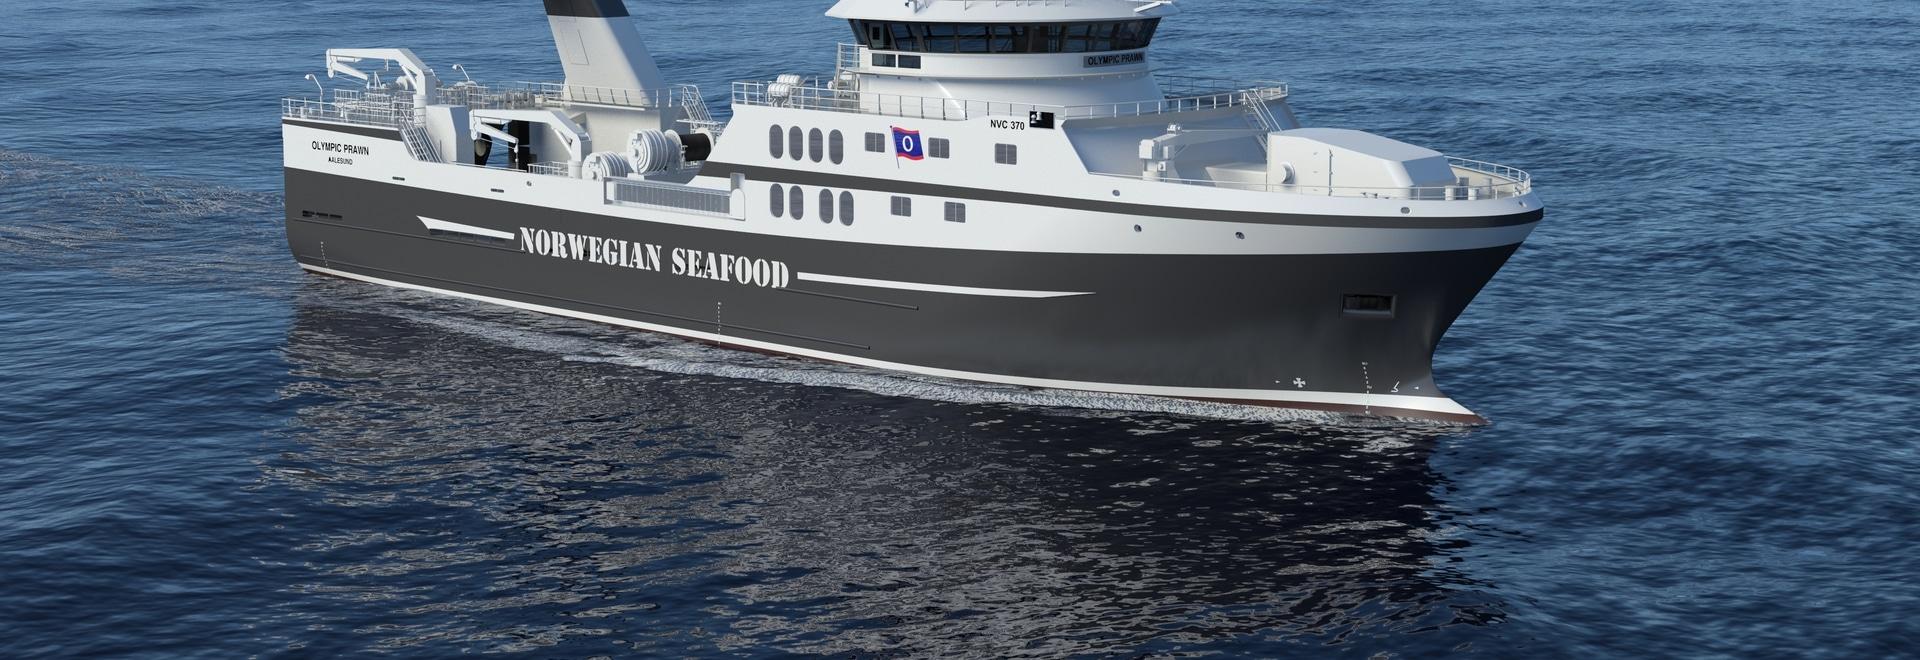 Nouveau navire de chalutier à équiper du système de propulsion hybride de Rolls Royce